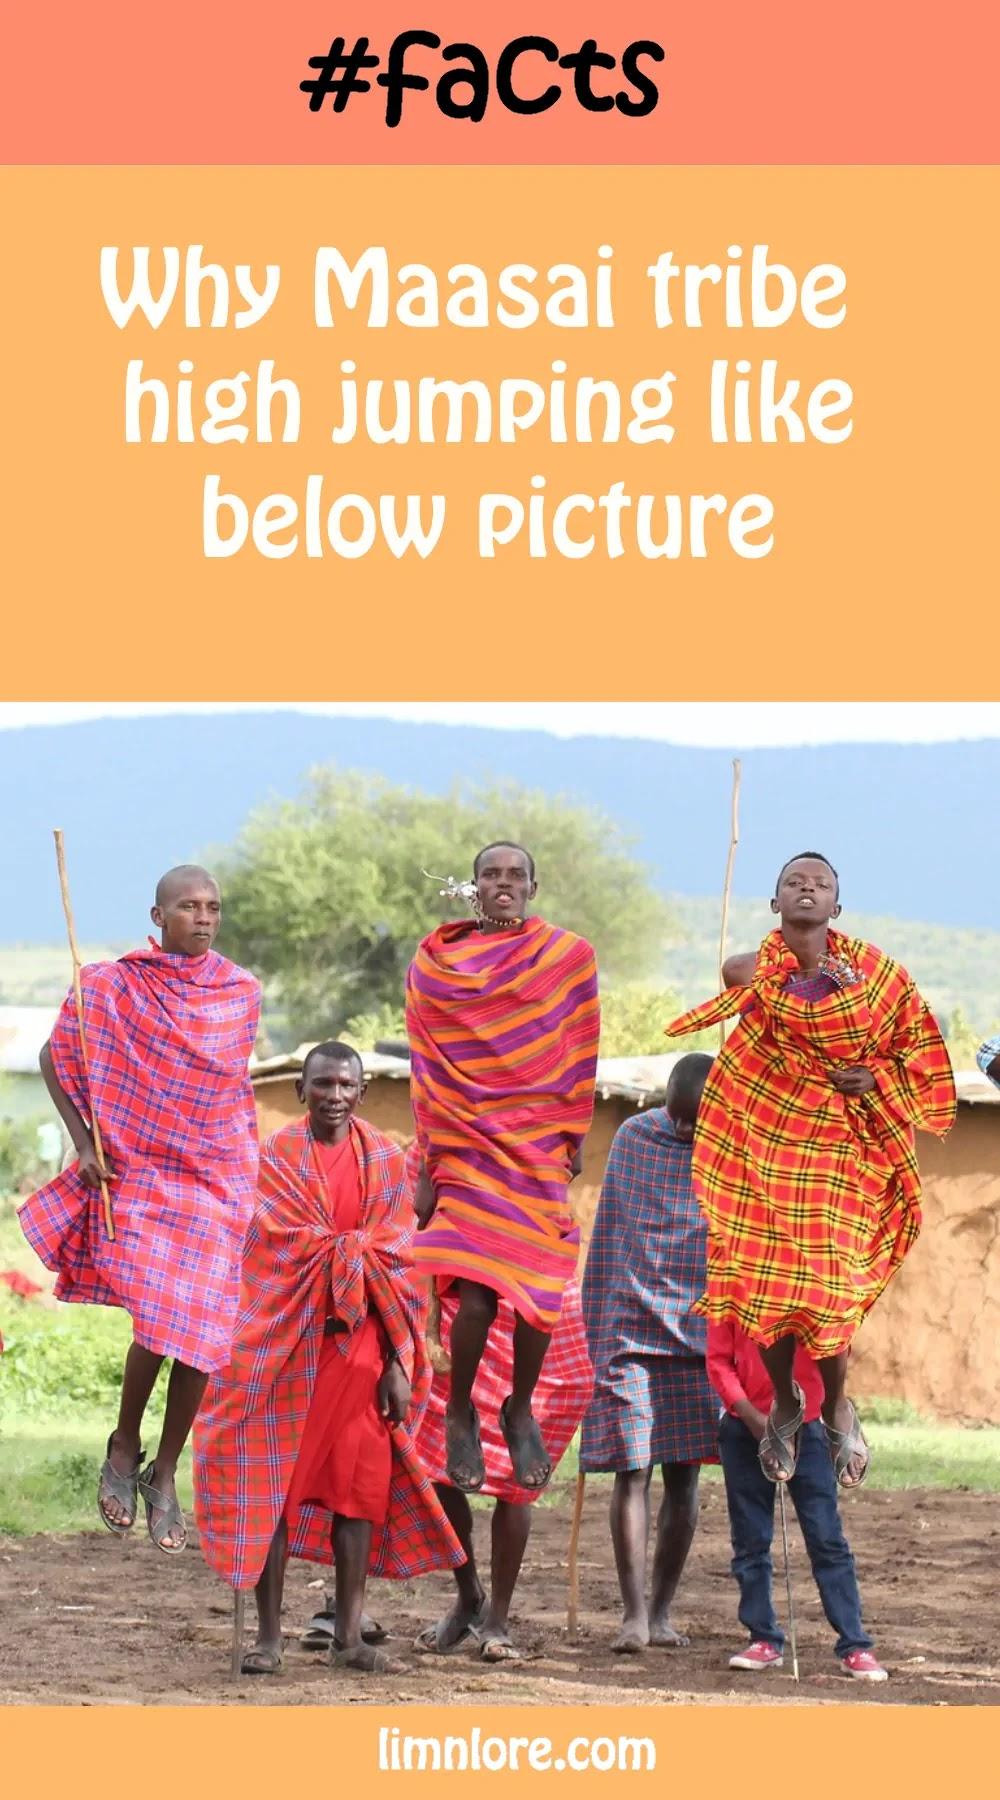 kenya's Maasai tribe high jumping facts